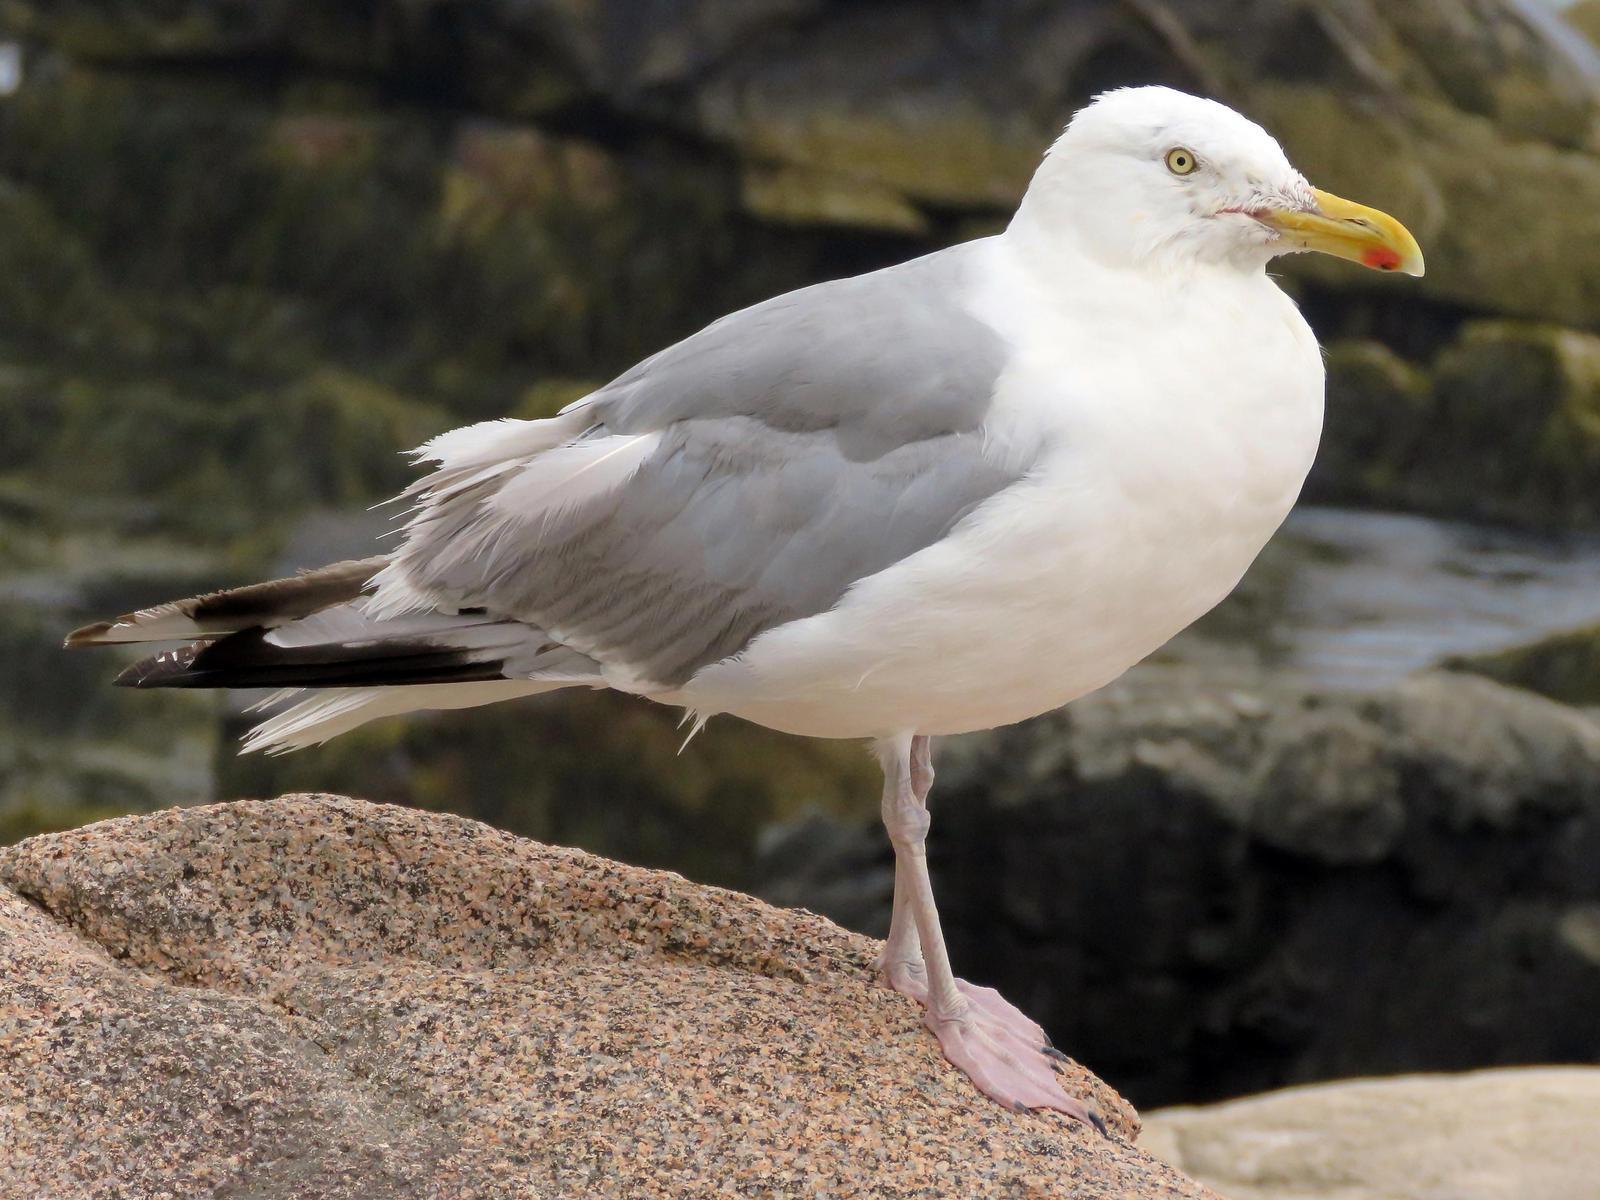 Herring Gull Photo by Bob Neugebauer